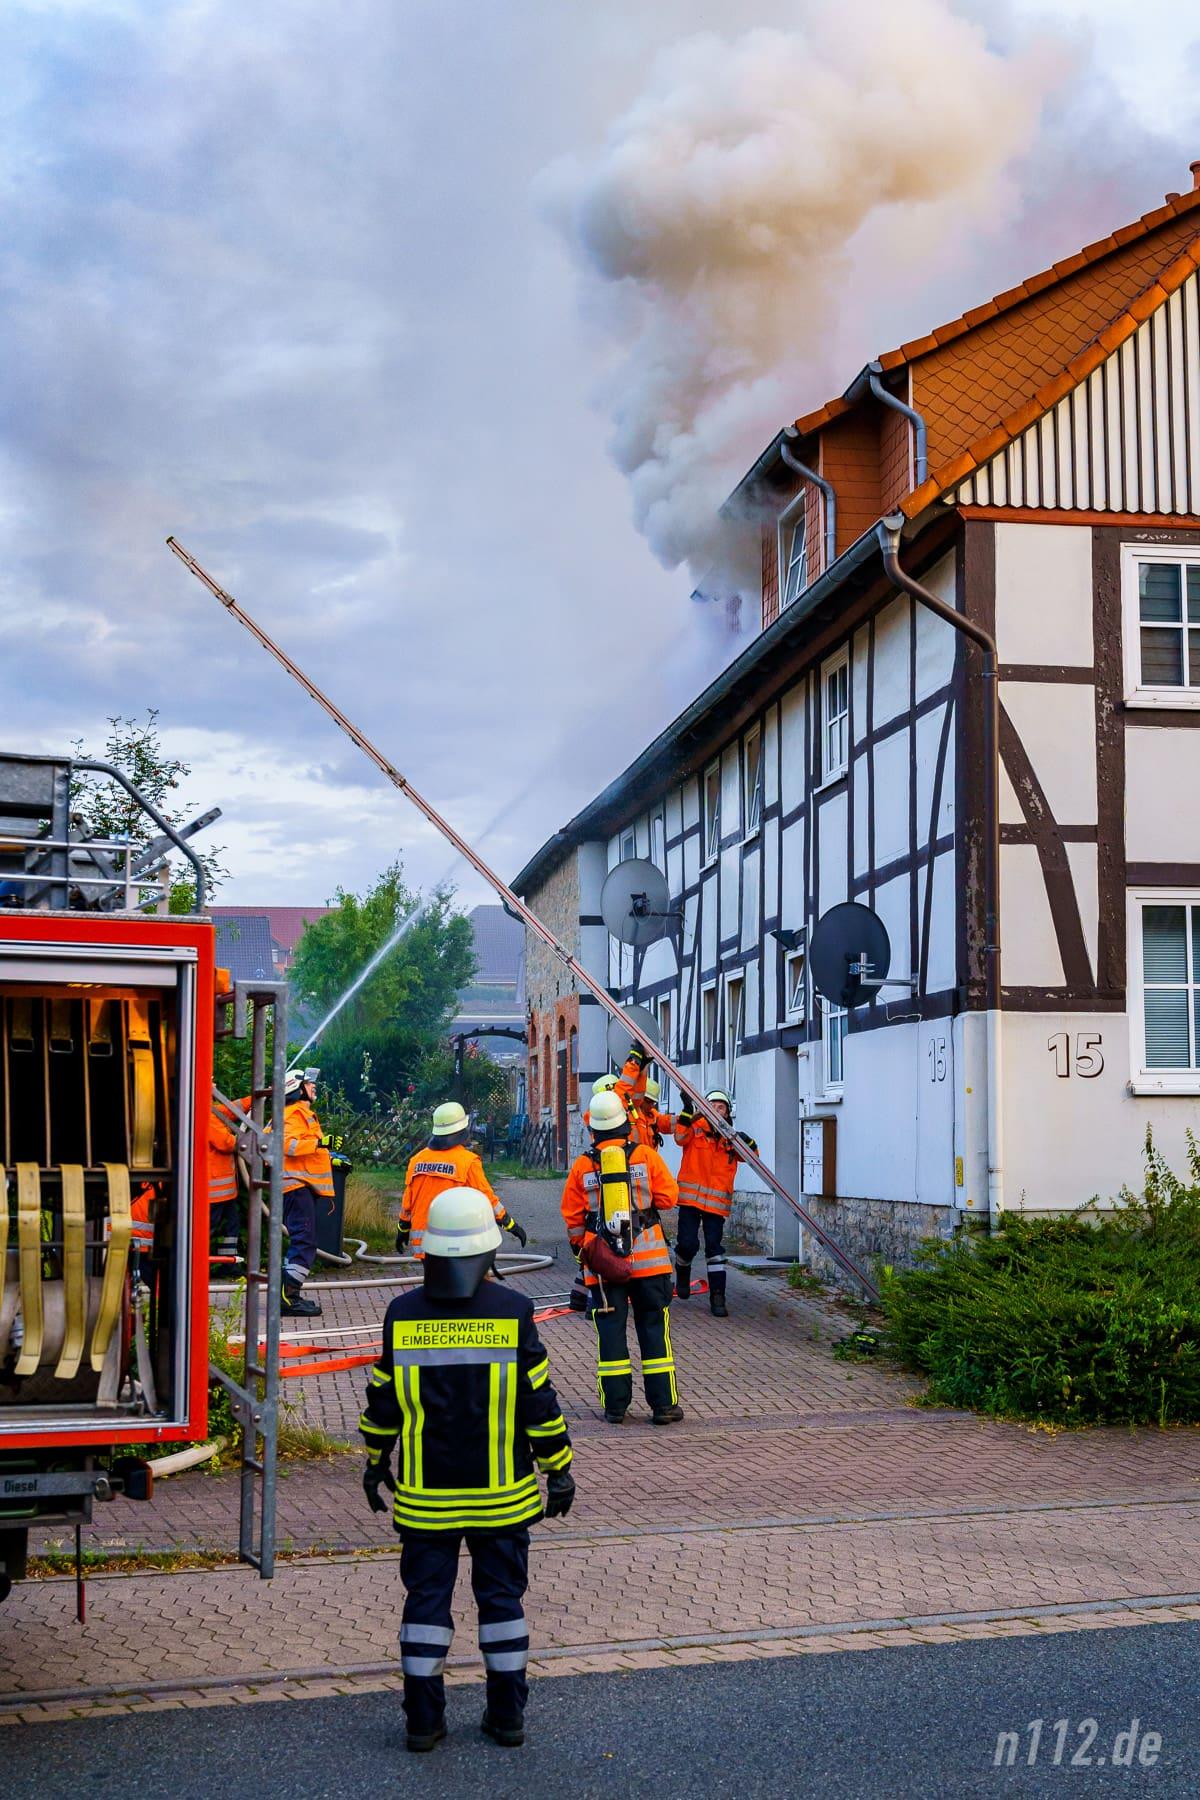 Um die Zeit bis zur Ankunft der Drehleiter zu überbrücken, bereiteten Feuerwehrleute eine Steckleiter vor (Foto: n112.de/Stefan Simonsen)